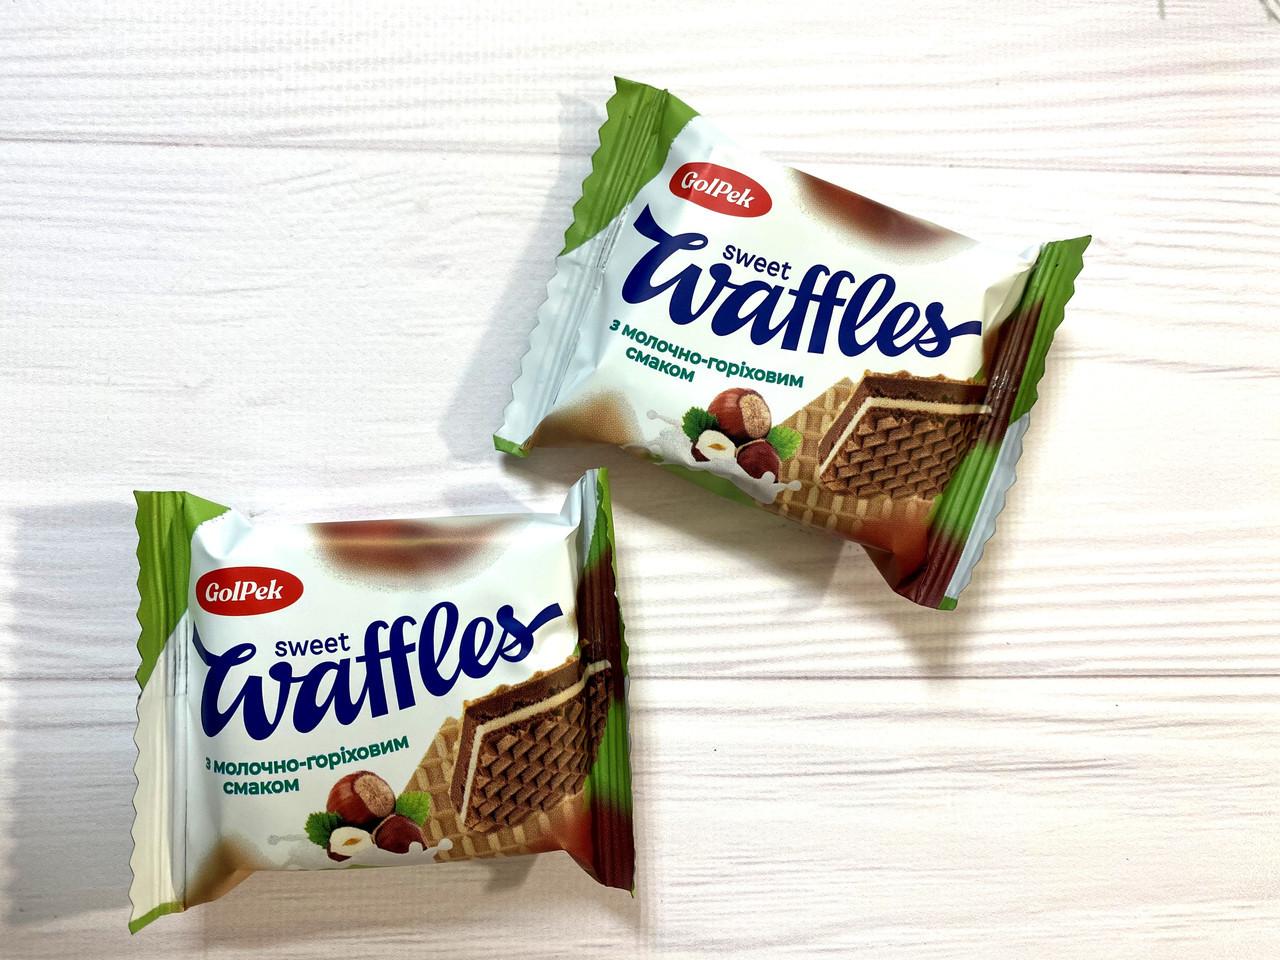 Вафельная конфета свит вафель (sweet waffles) с орехом 1.5 кг